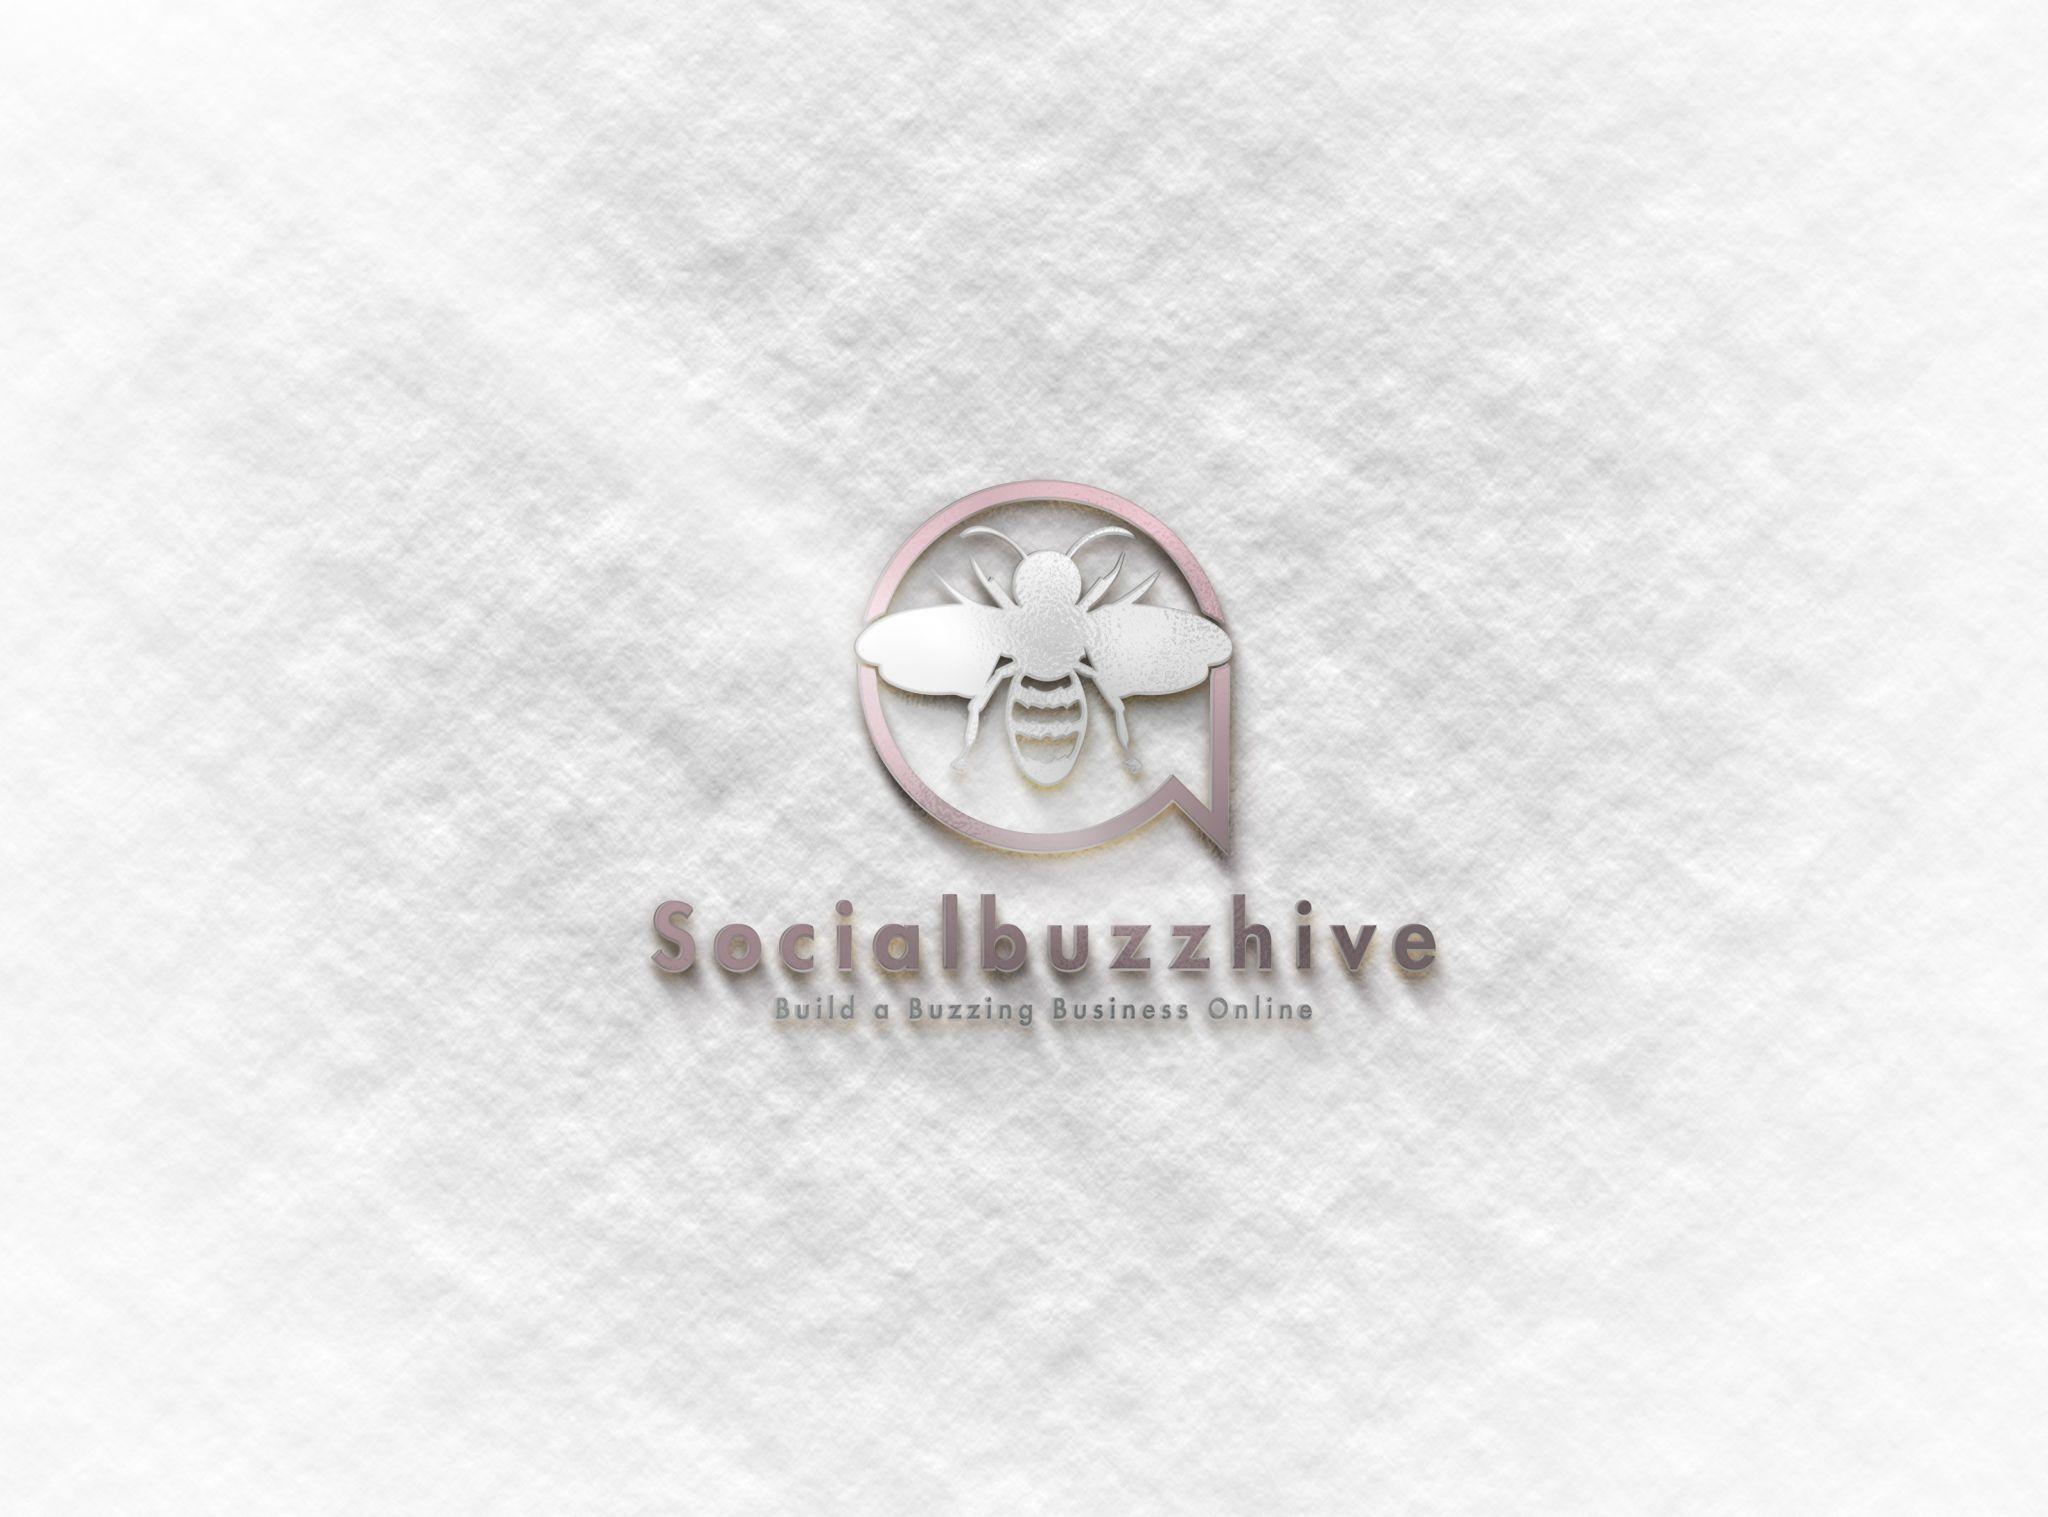 social buzz hive logo